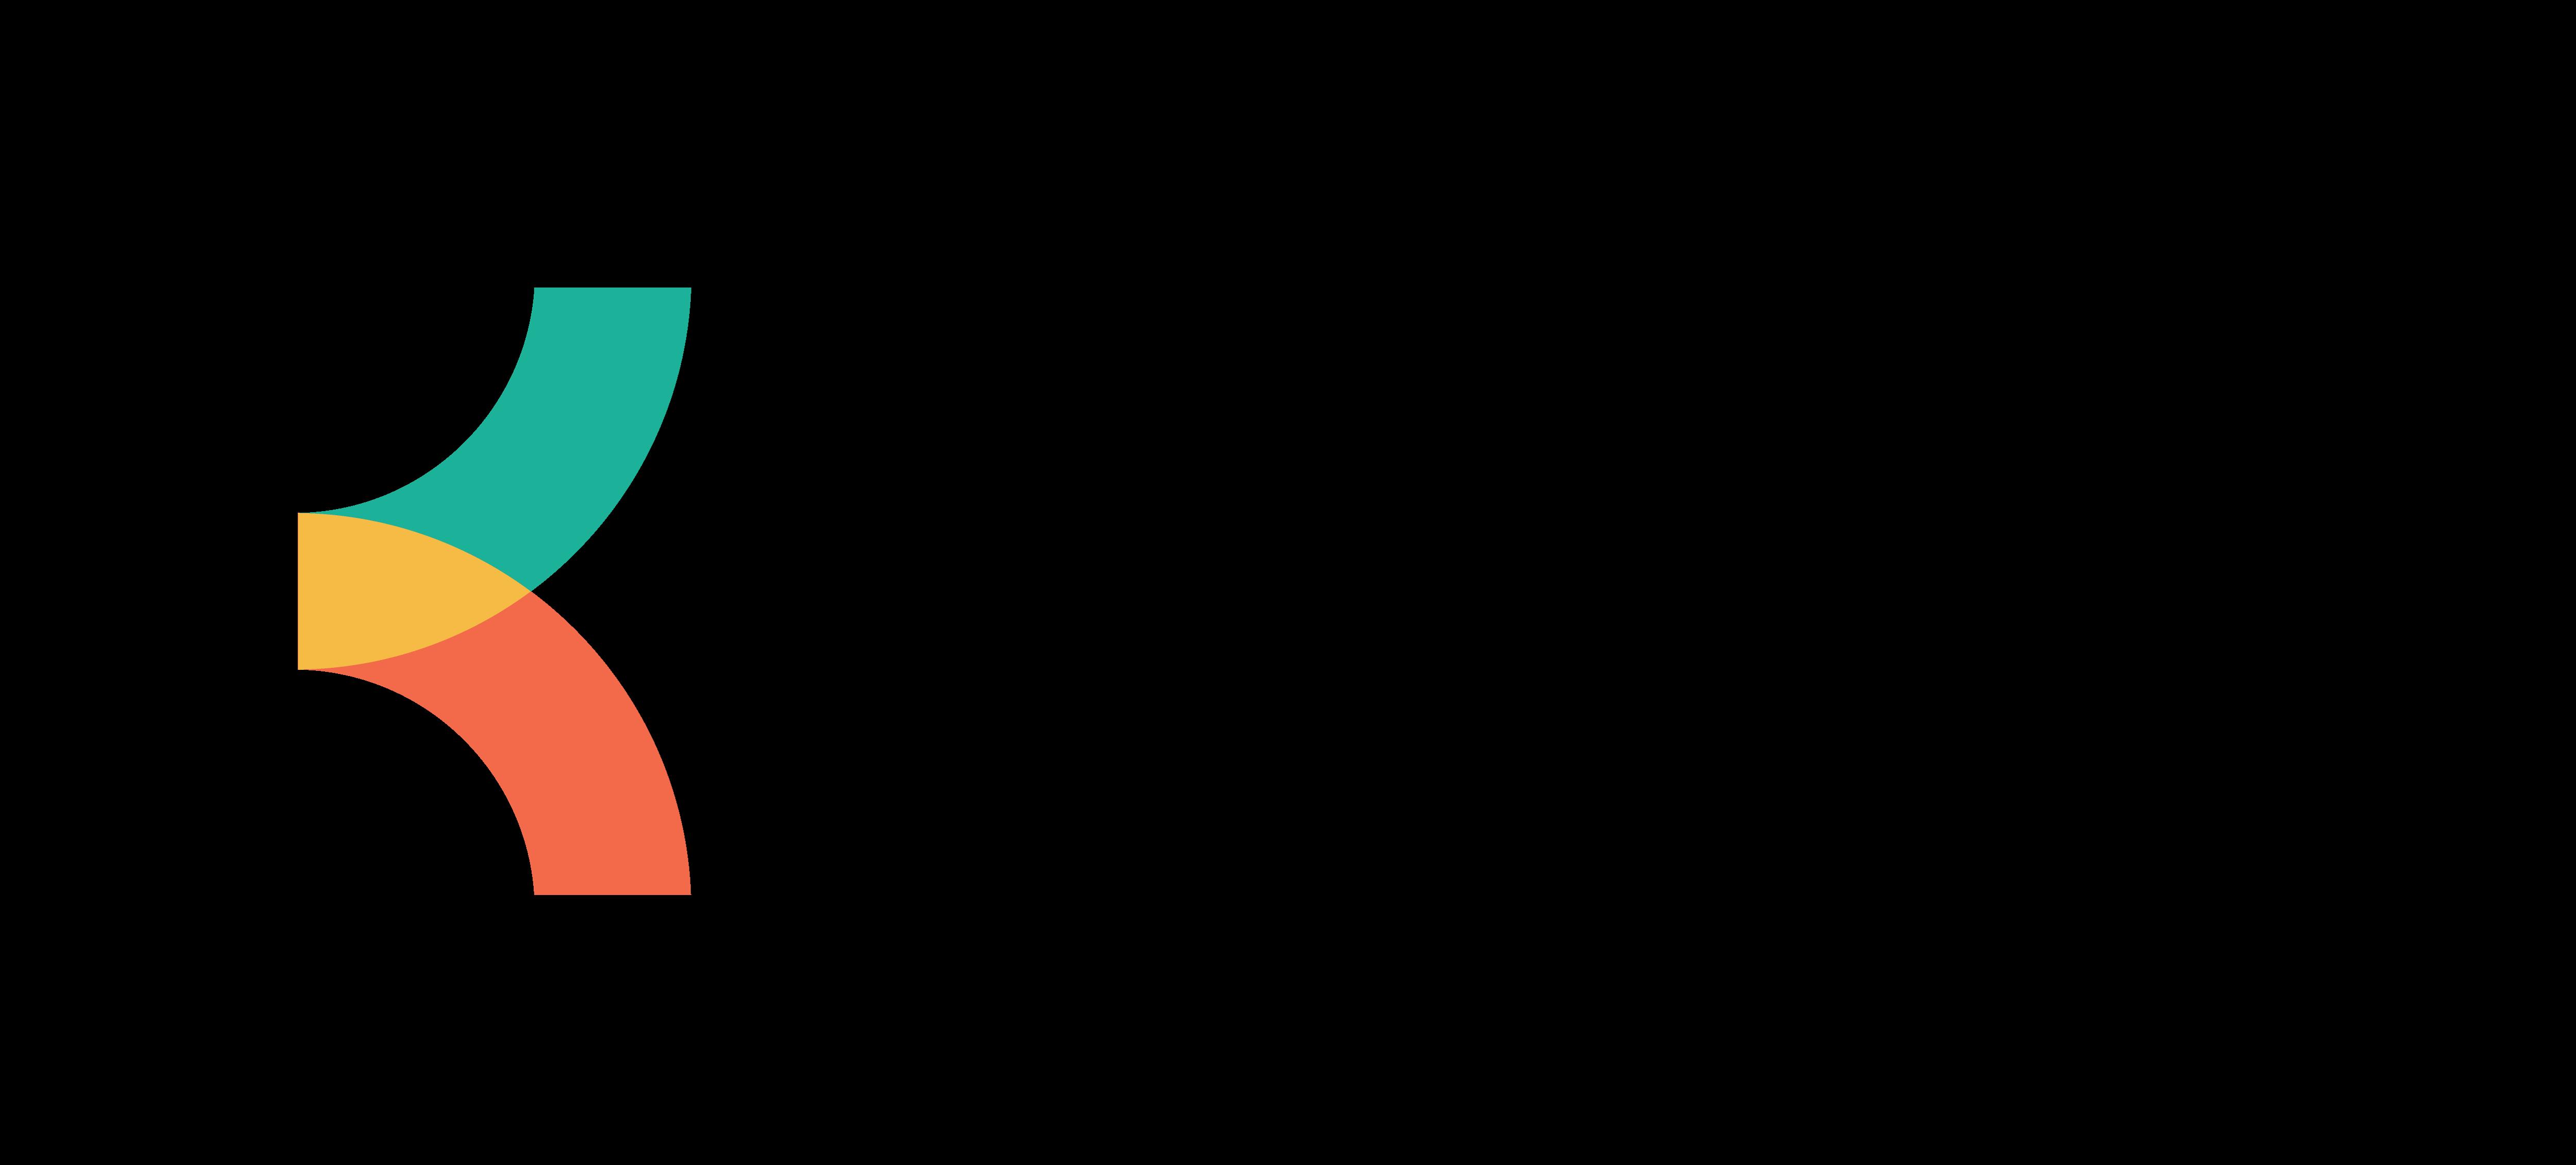 The Kayo Digital logo